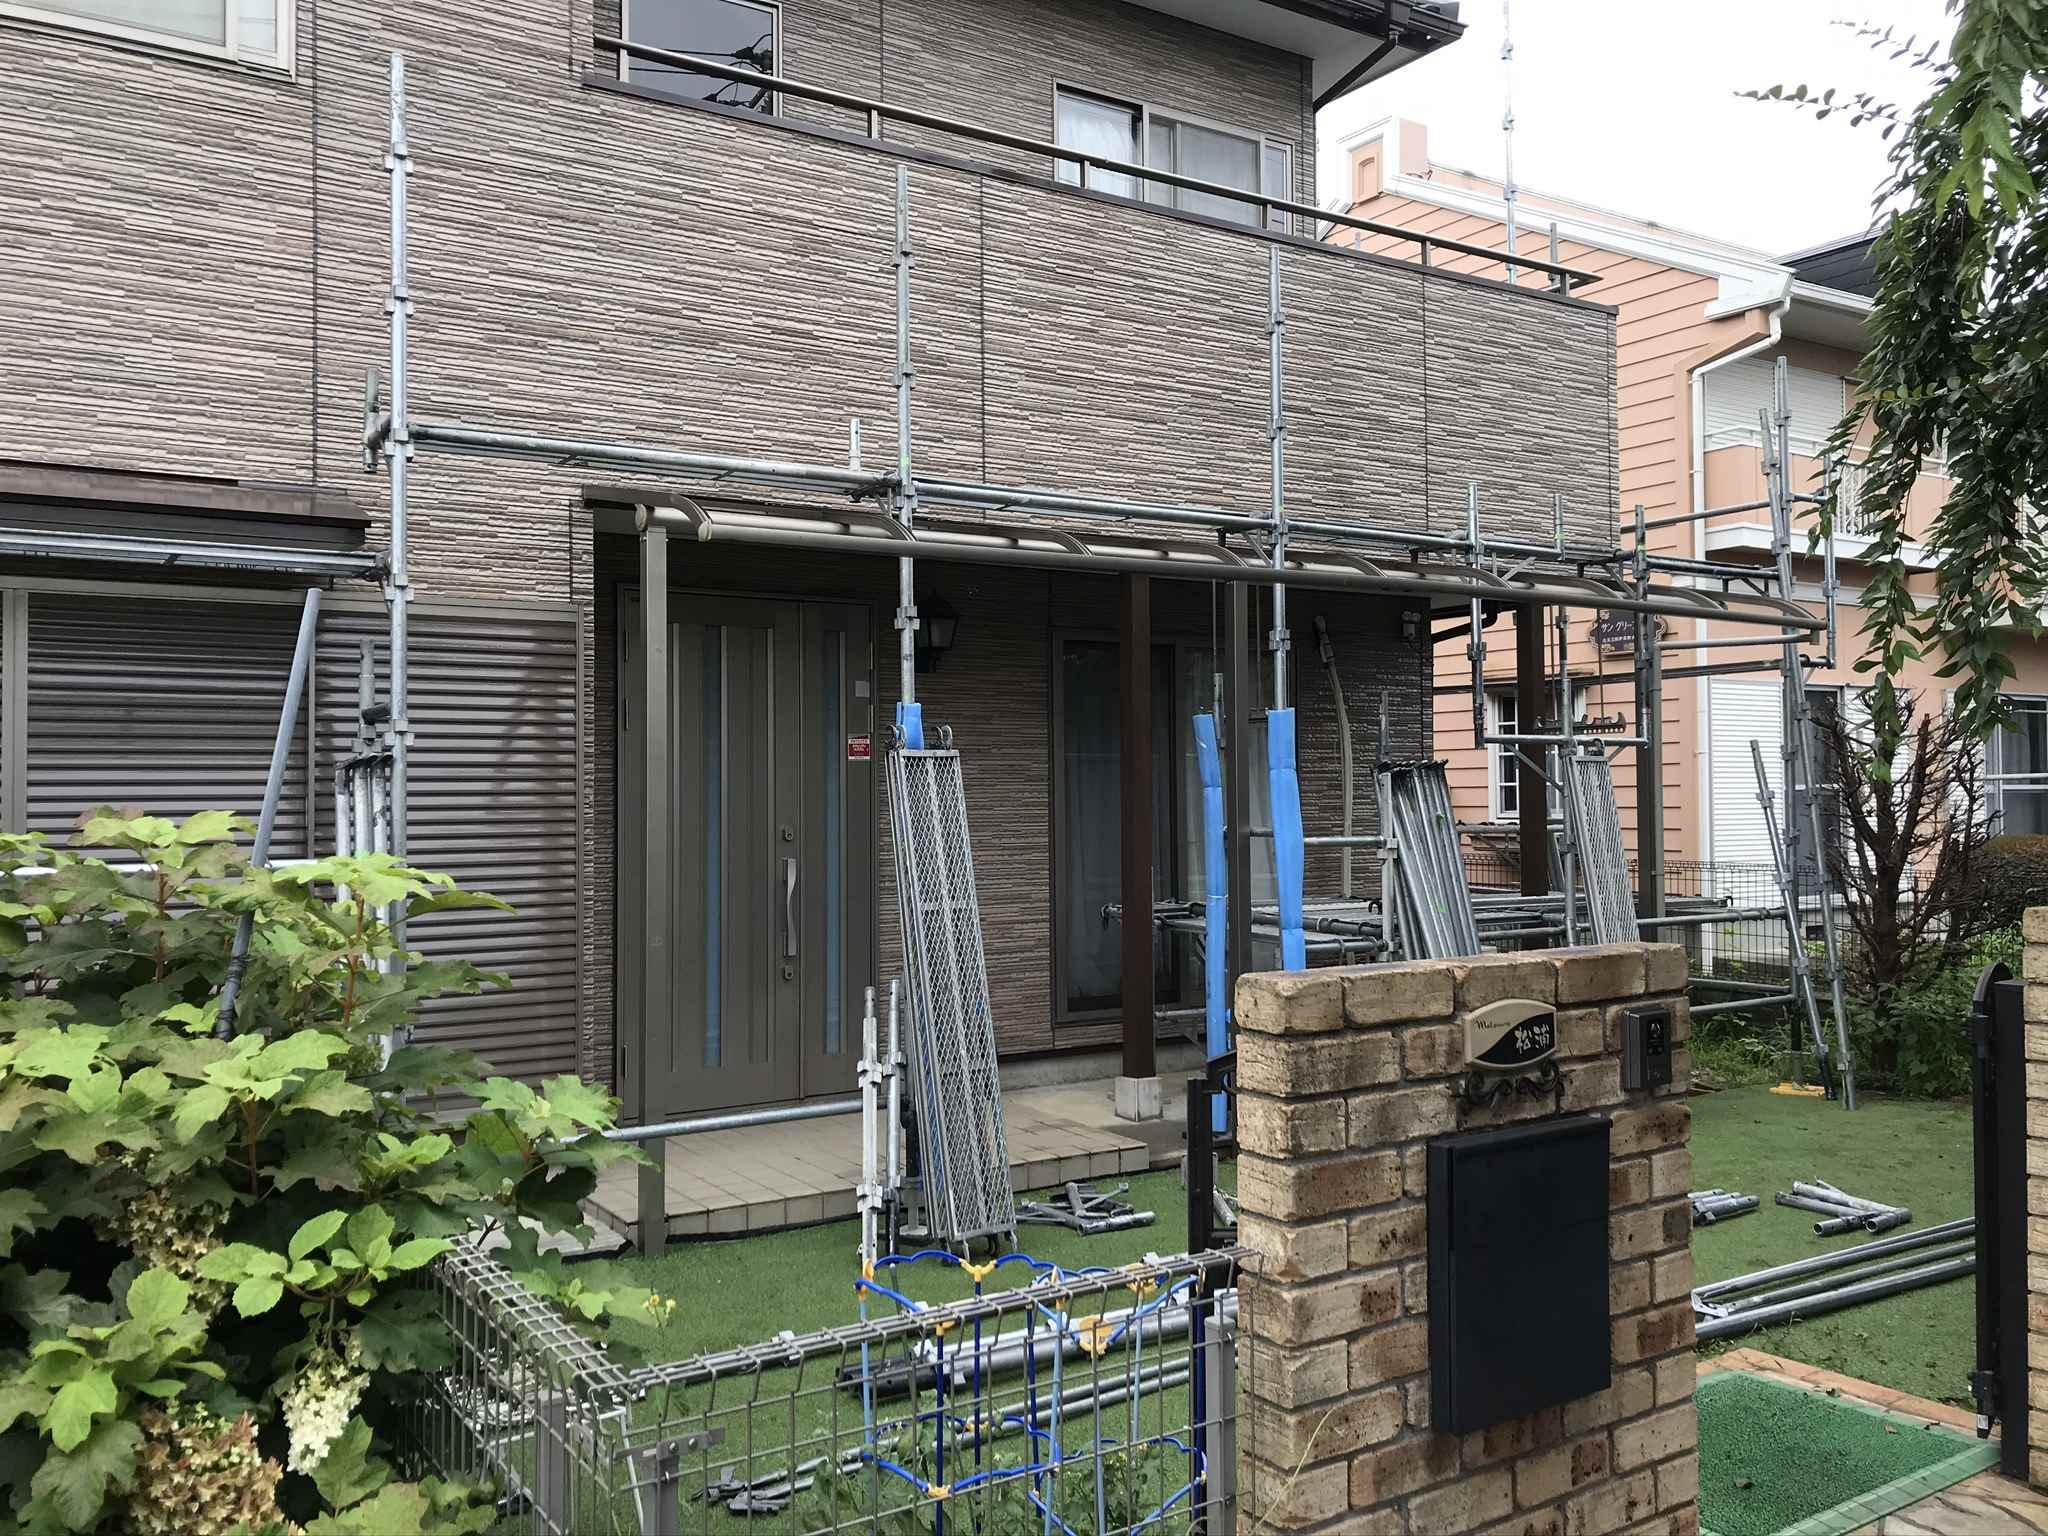 伊奈町外壁塗装完了し足場解体作業が進むお宅